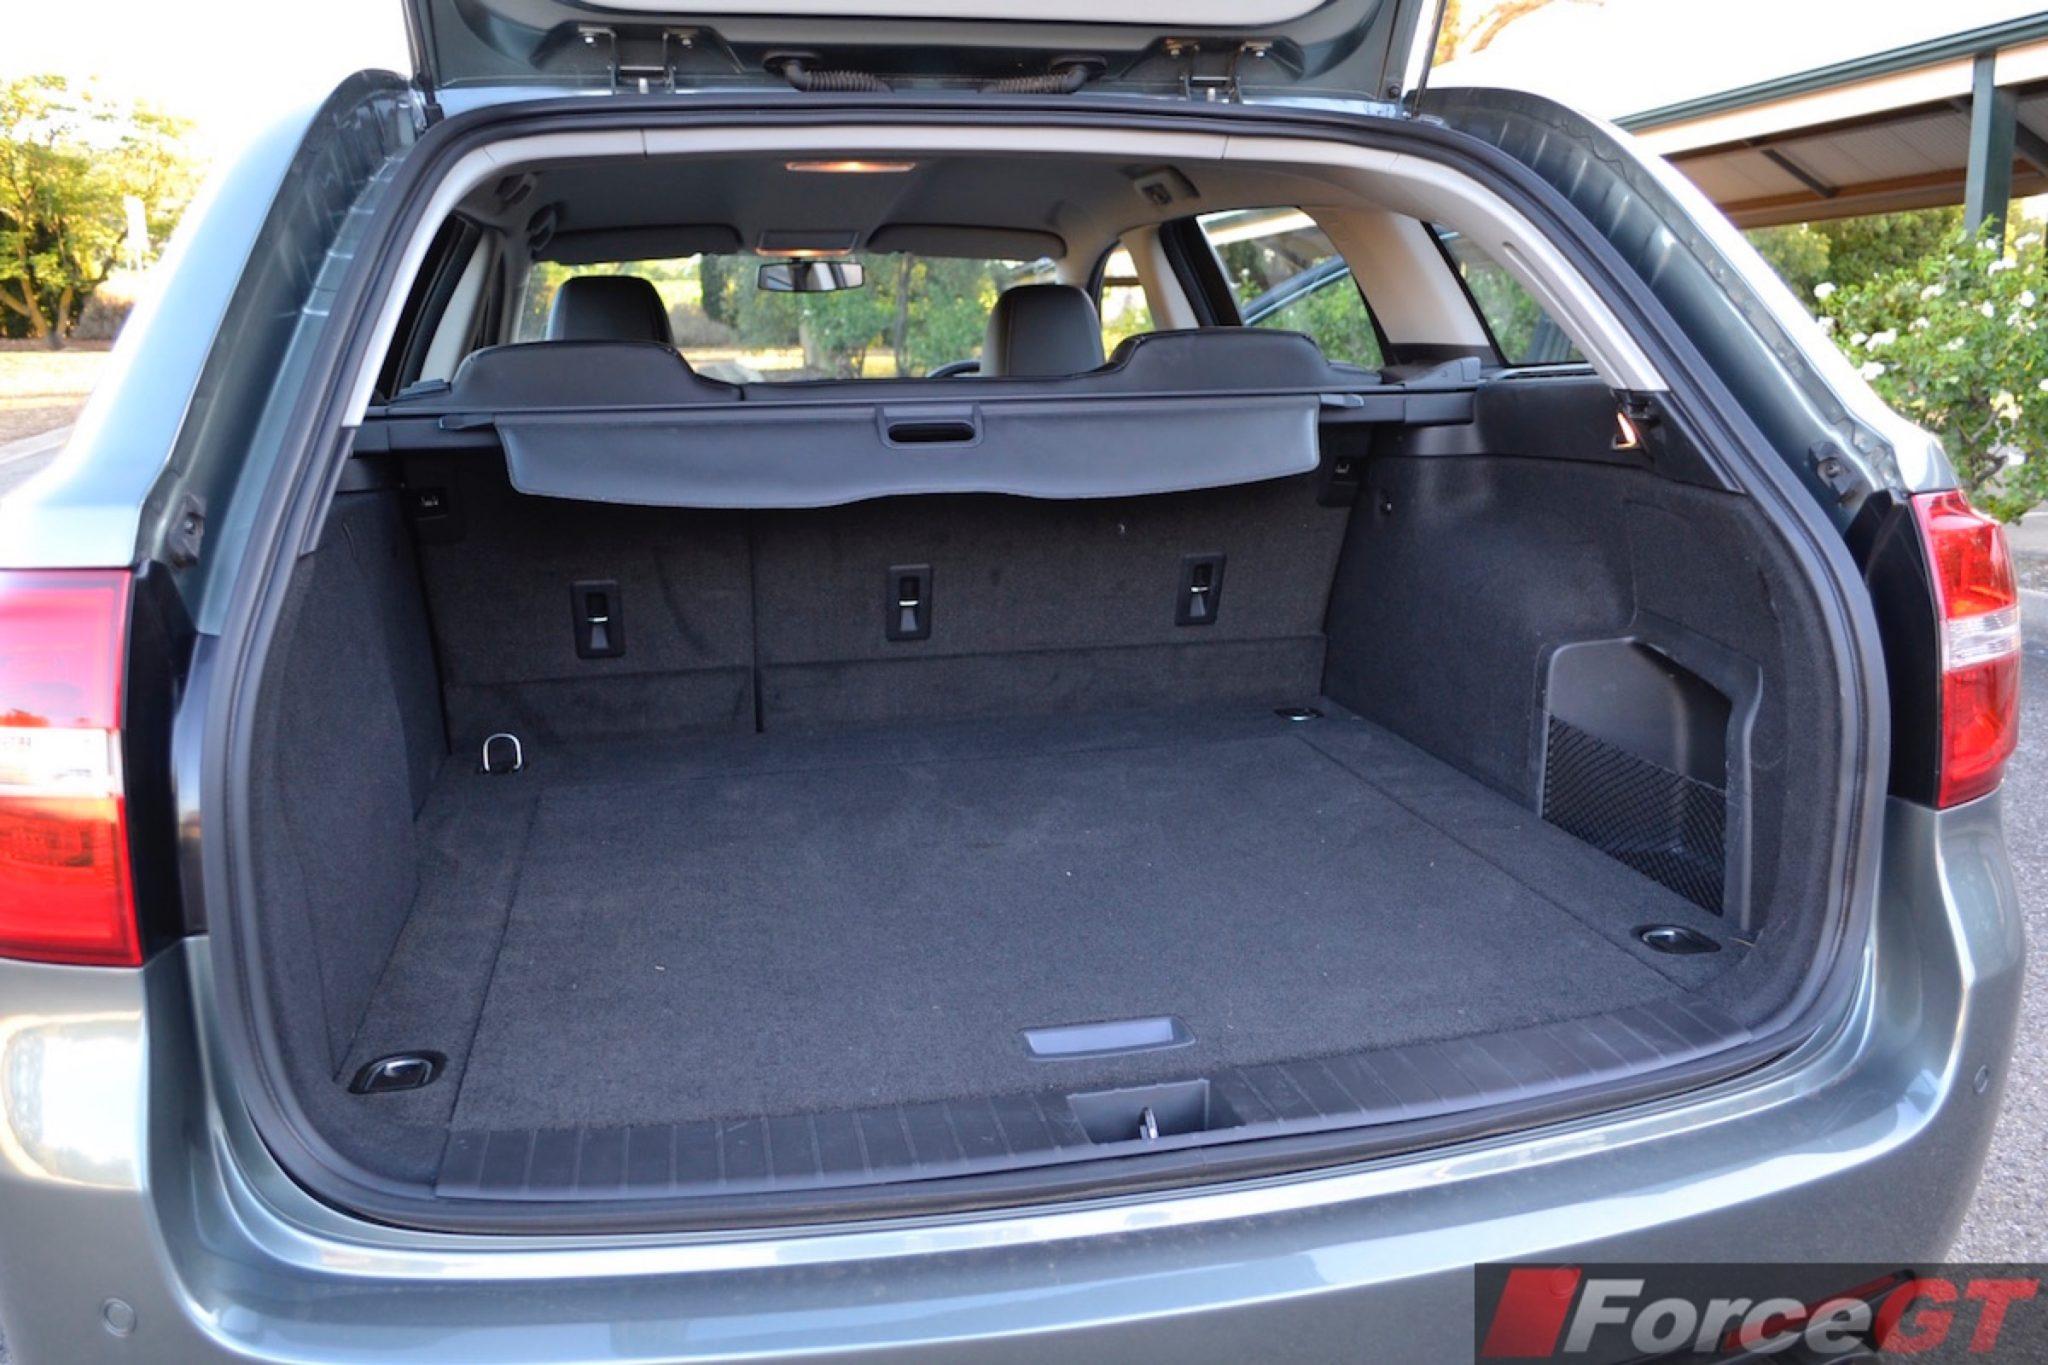 Holden Commodore Review: 2016 VFII Commodore SS Sportwagon